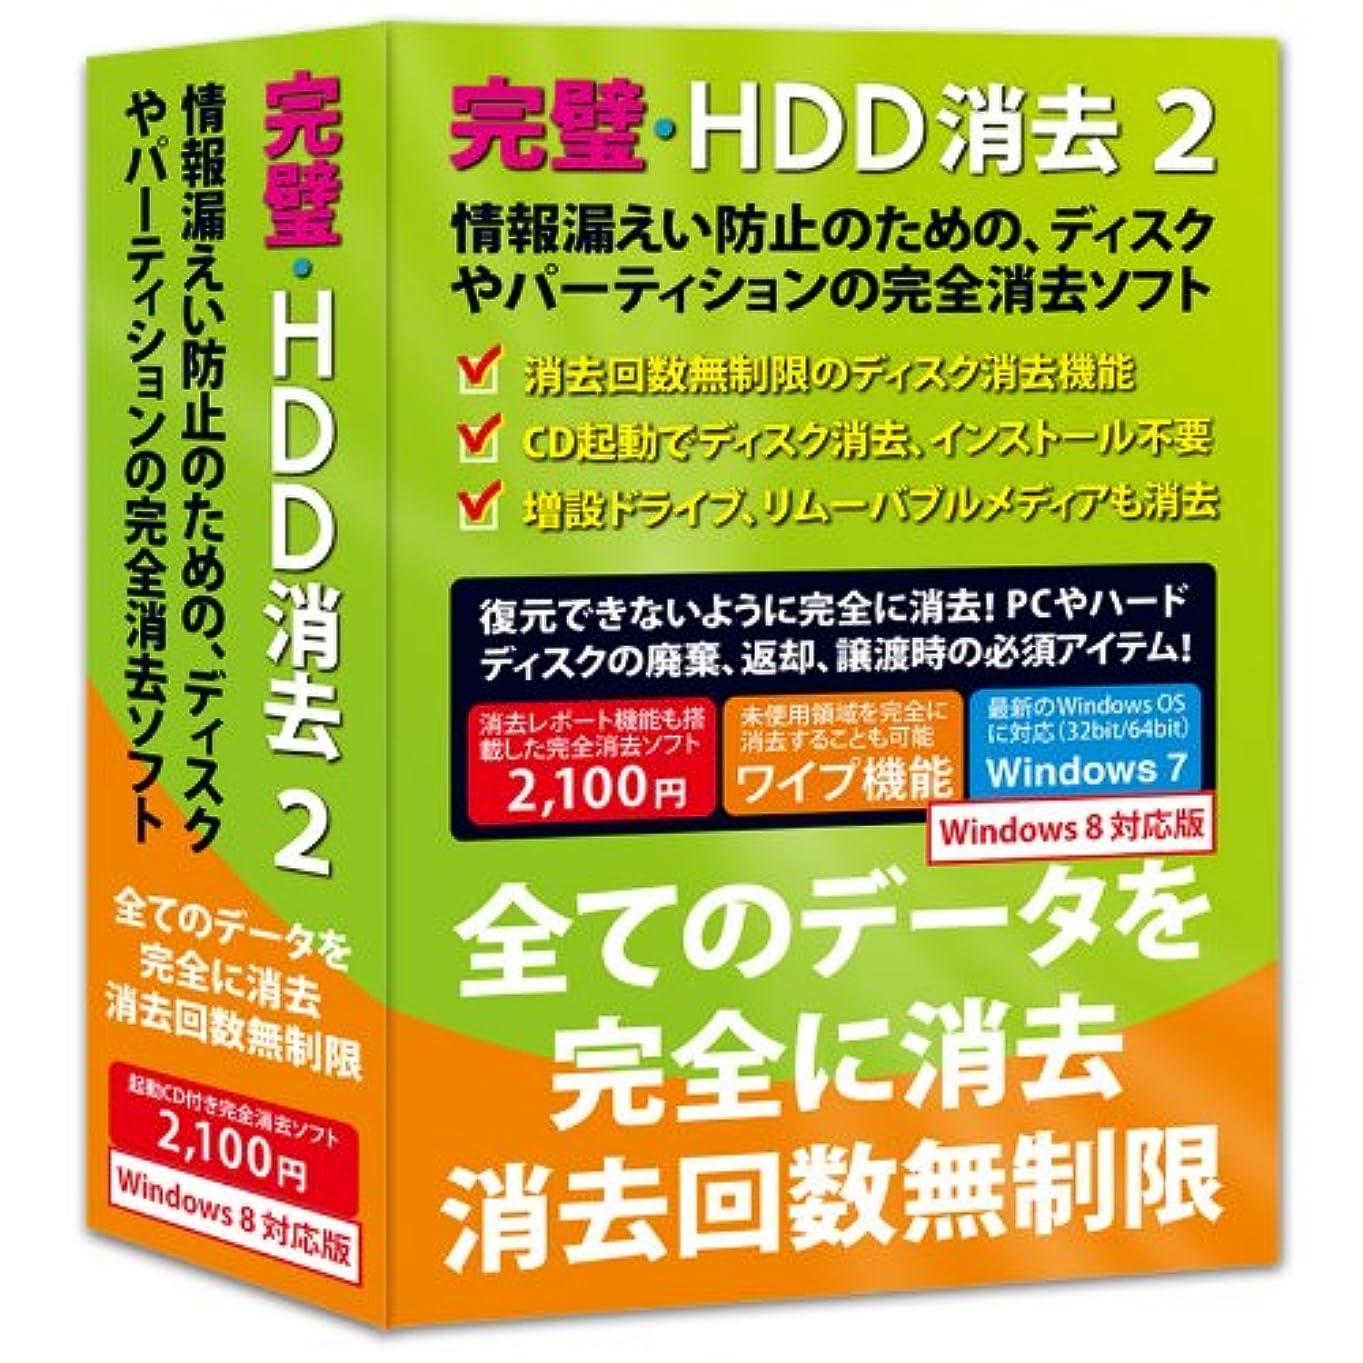 全員インスタント素晴らしい完璧?HDD消去2 Windows8対応版